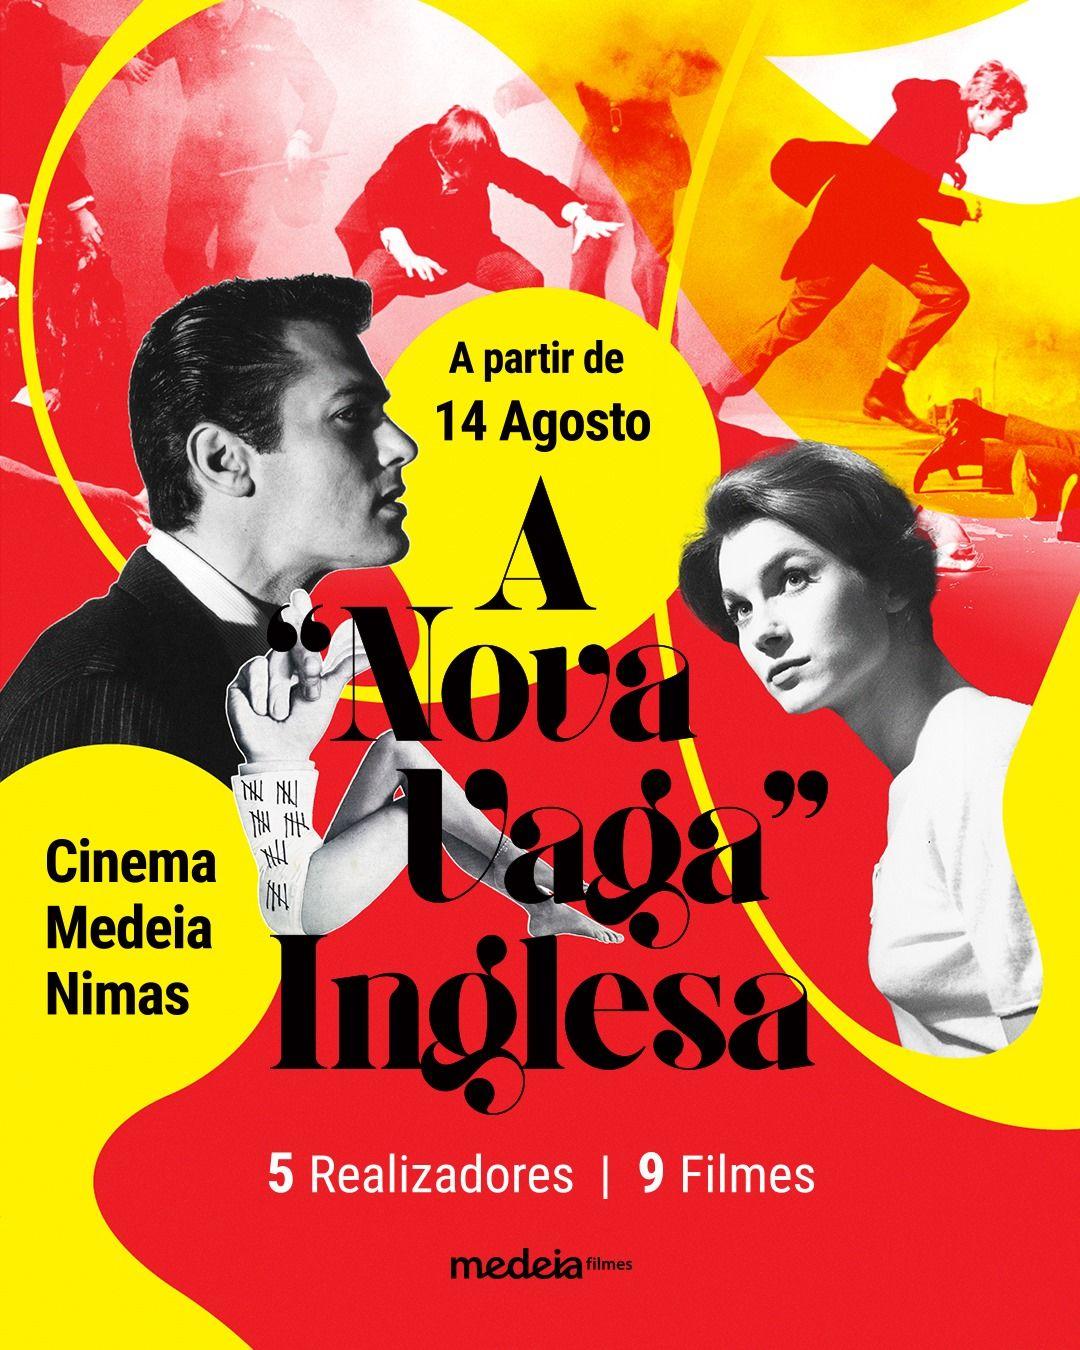 Nova-Vaga-Inglesa-Medeia-Nimas-Ciclo